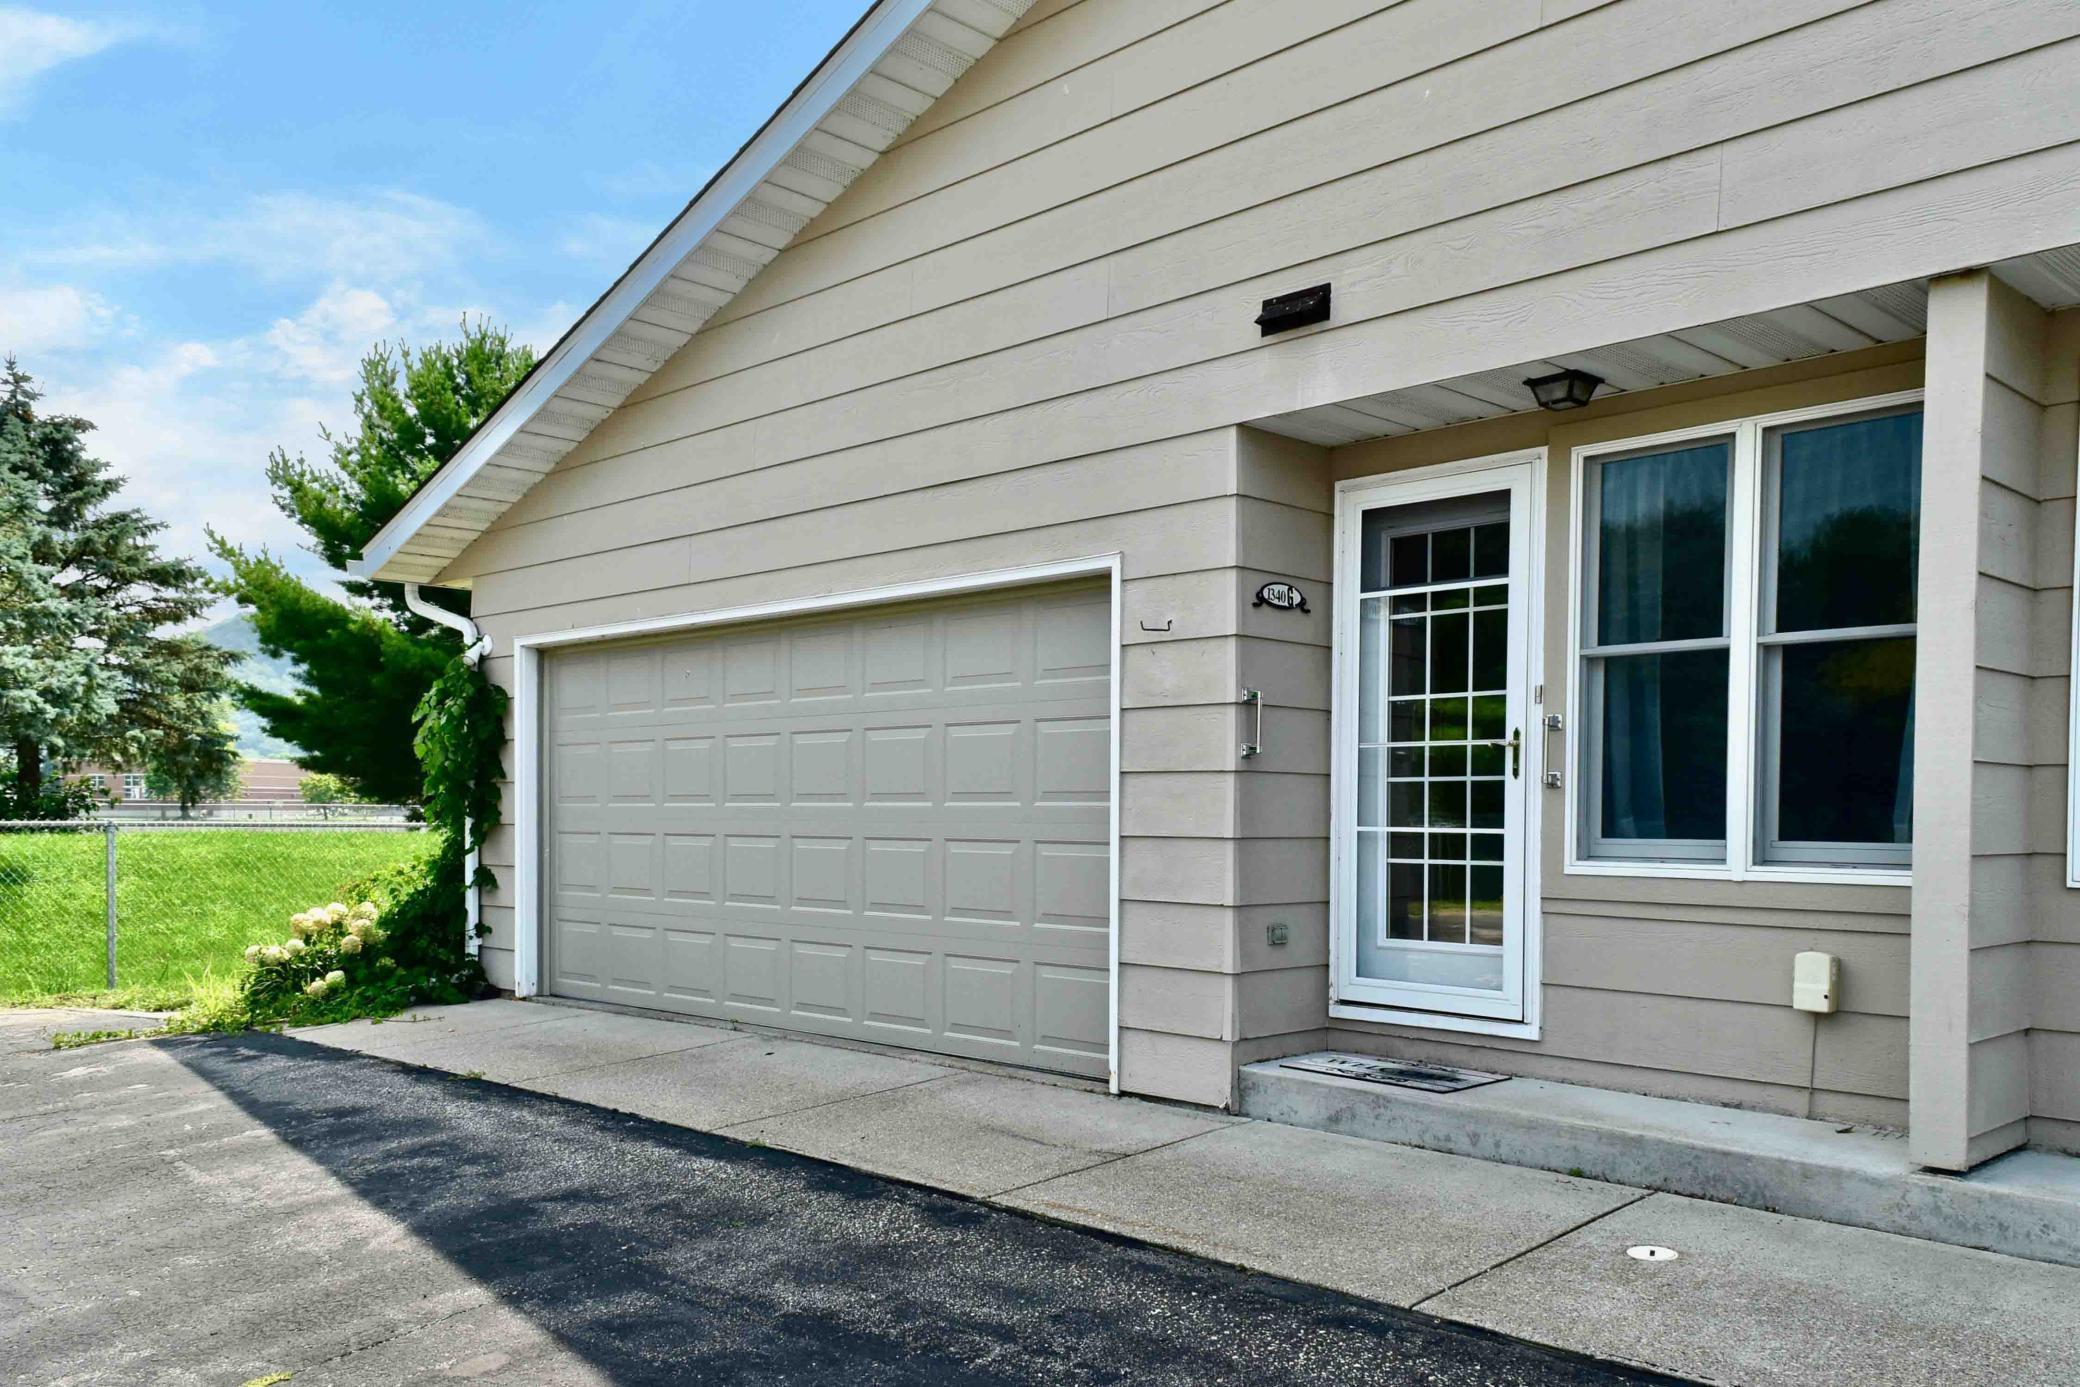 1340 Mcnally Drive, Winona, MN 55987